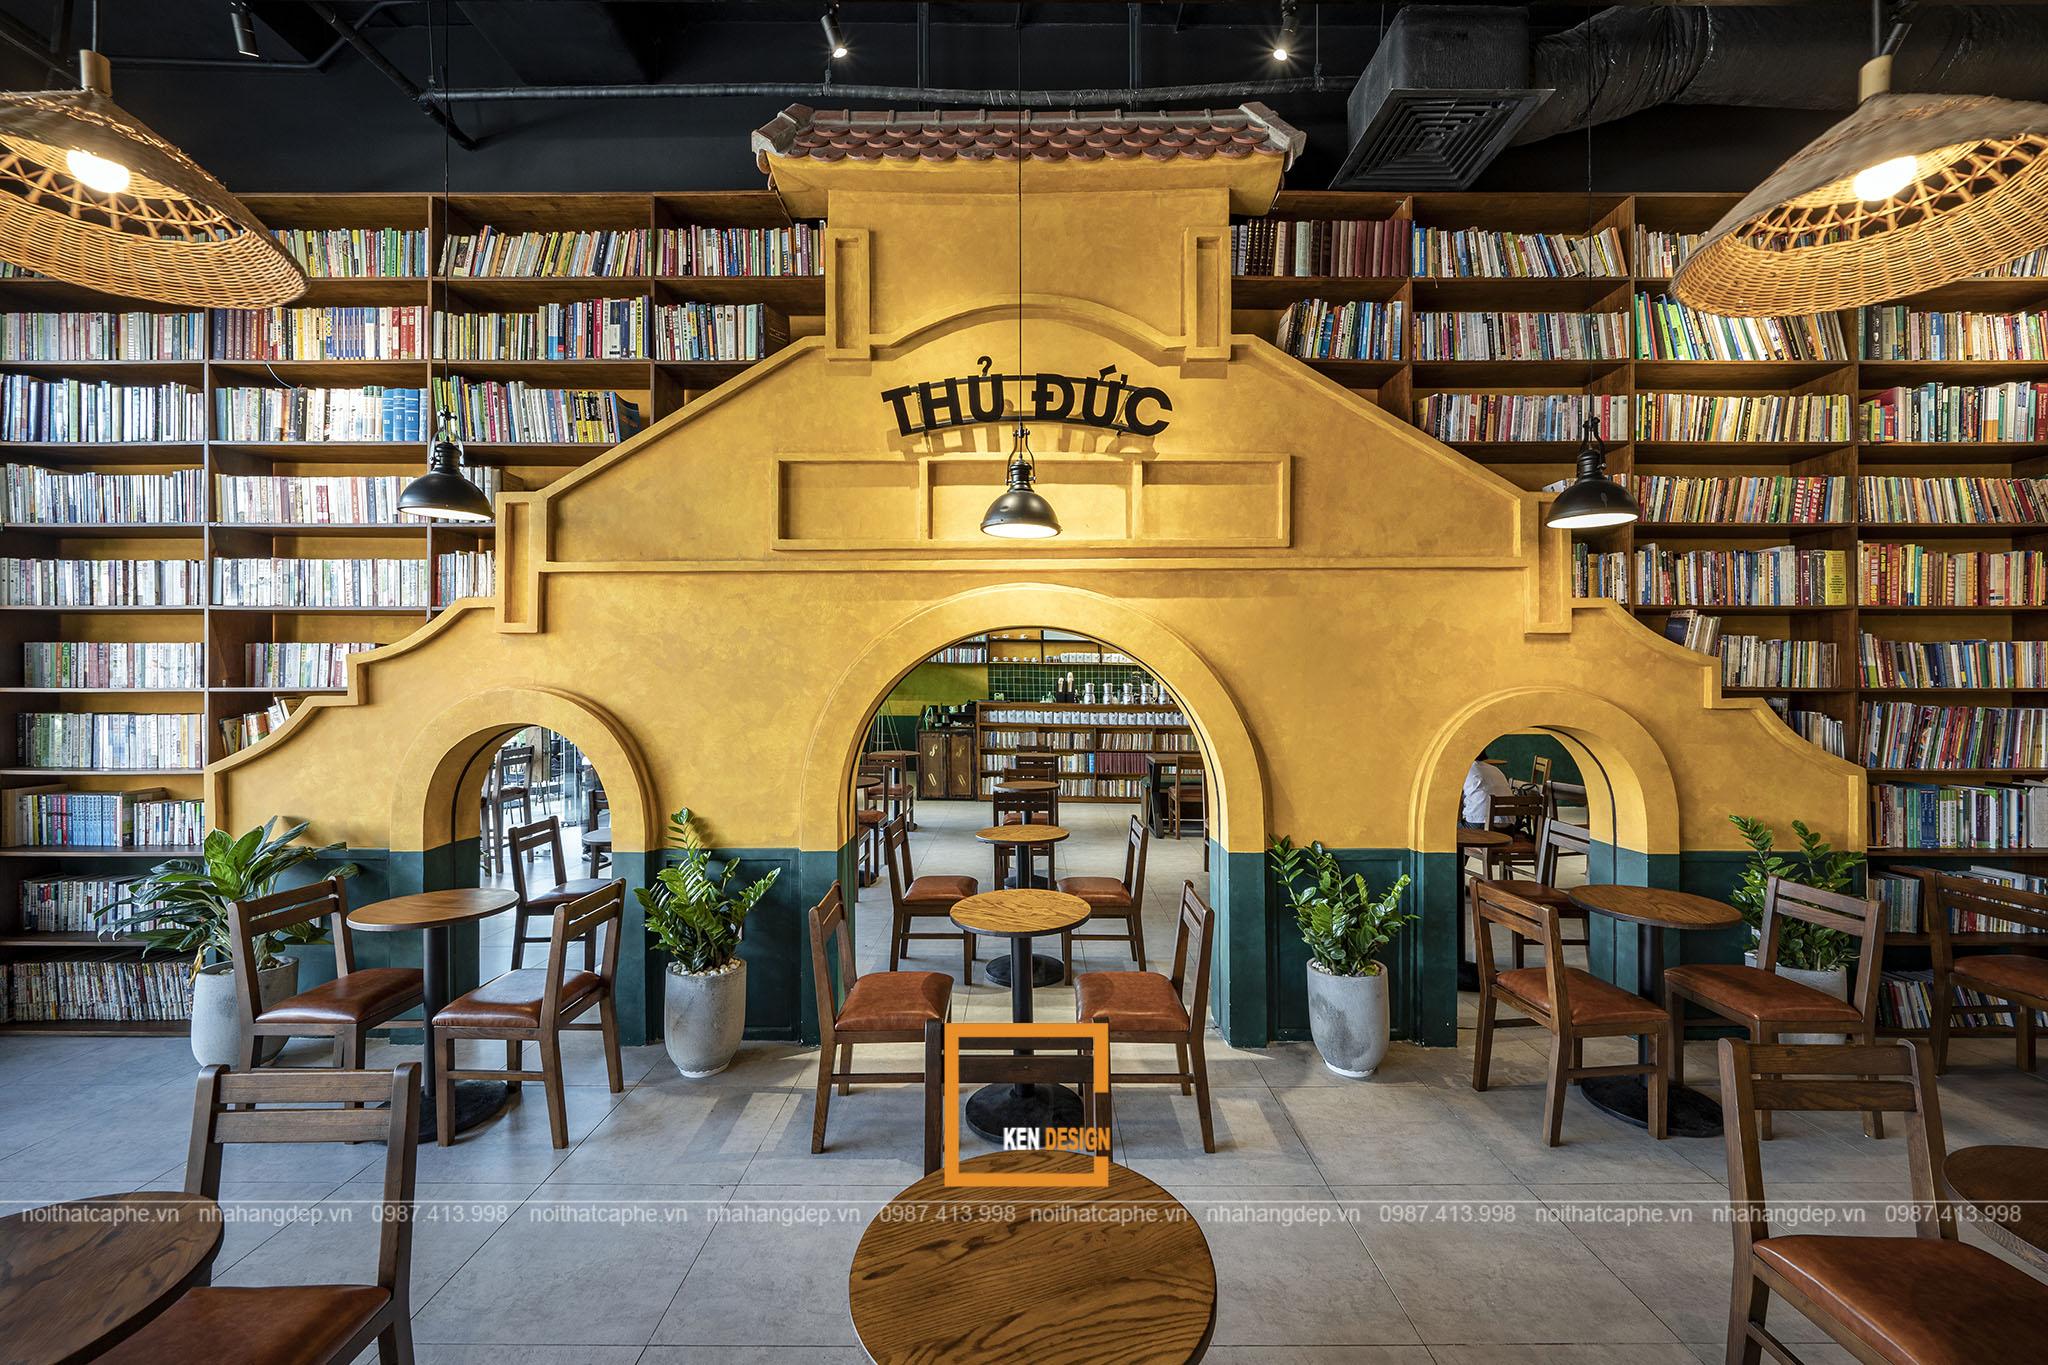 Thiết kế quán Buôn Cà phê tại Thủ Đức – Điểm nhấn không gian giữa lòng Sài Gòn